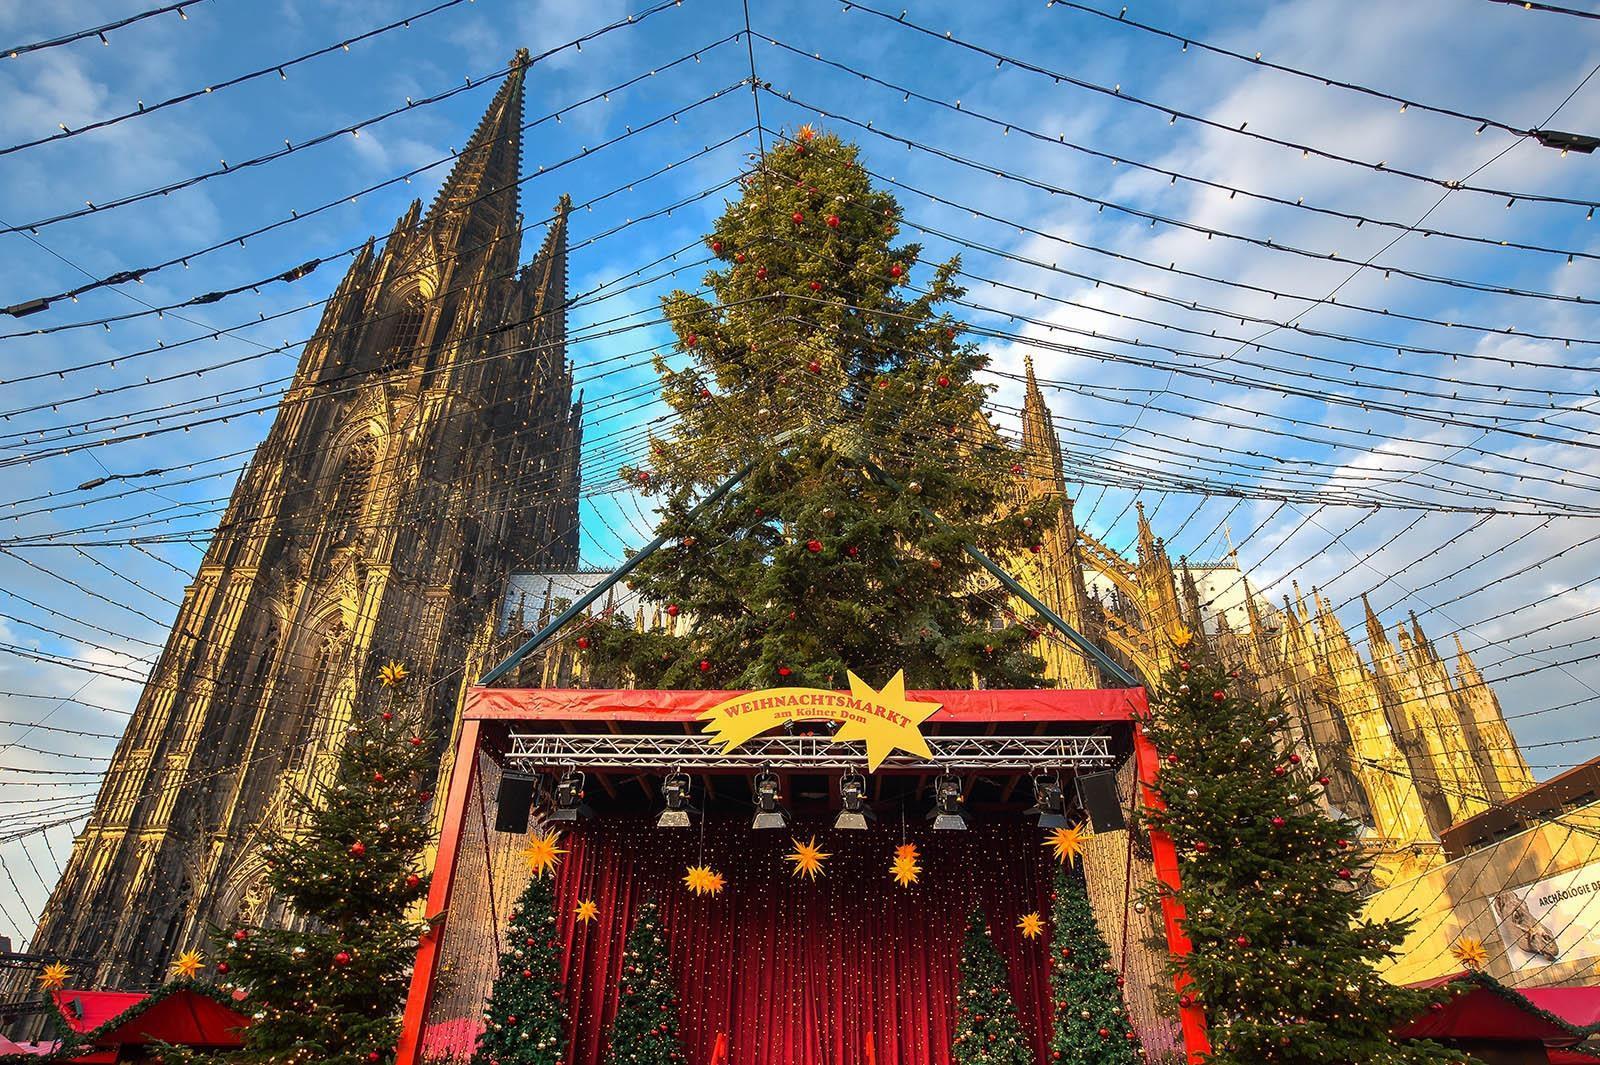 Kerstmarkt Keulen 2019 Bezoeken Wandeling Langs De Kerstmarkten